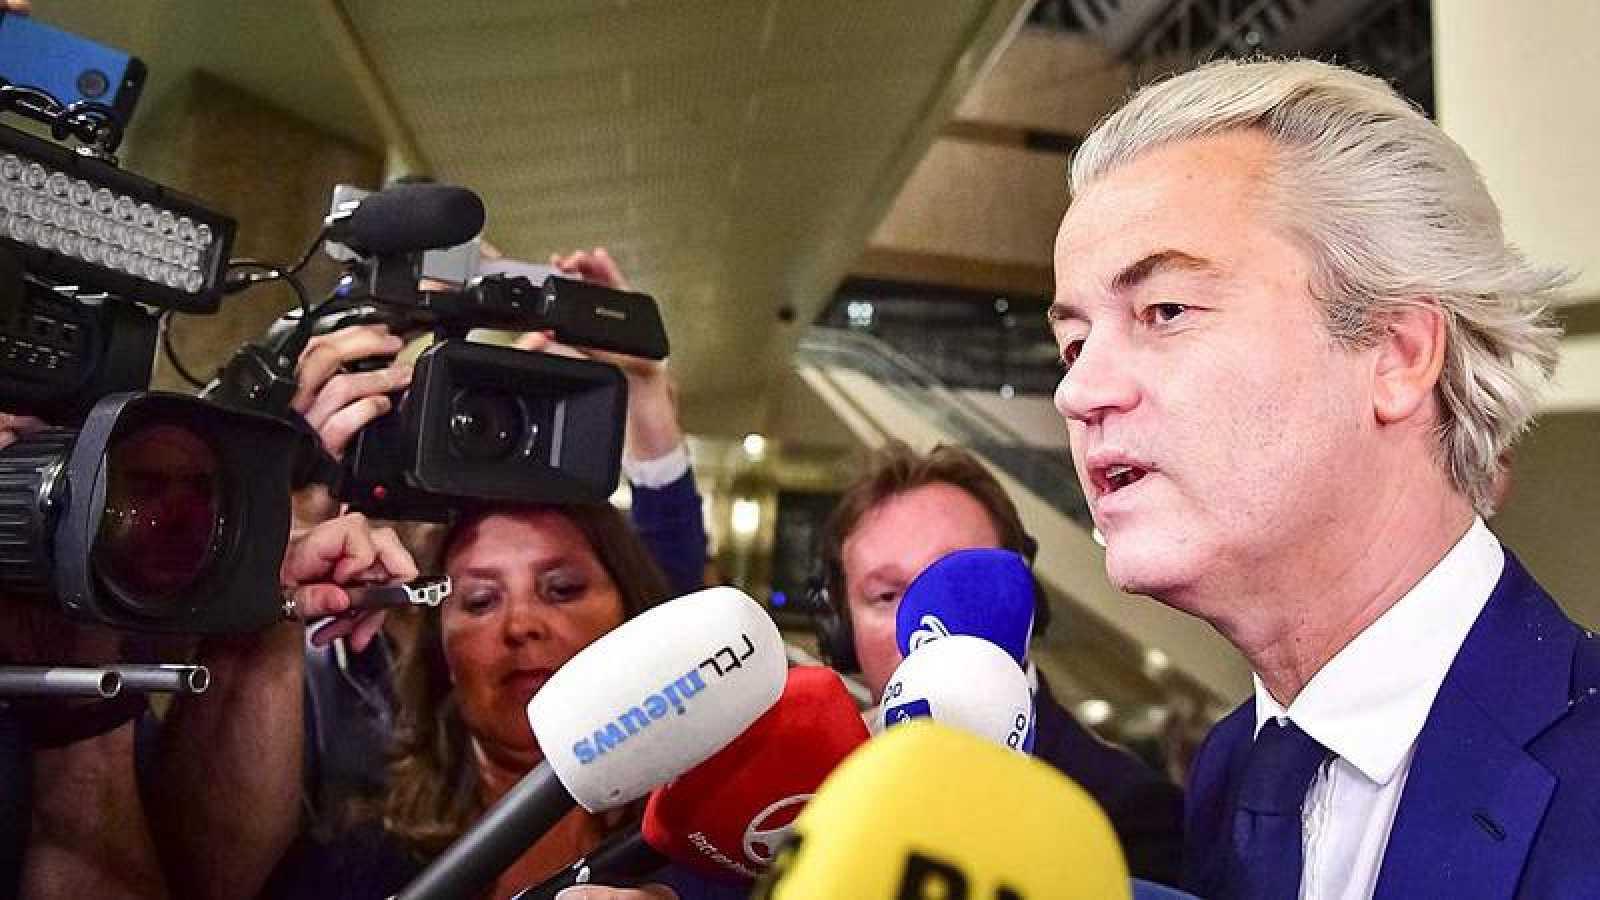 El líder ultraderechista Geert Wilders reconoce su derrota en las elecciones ante los medios de comunicación en La Haya.